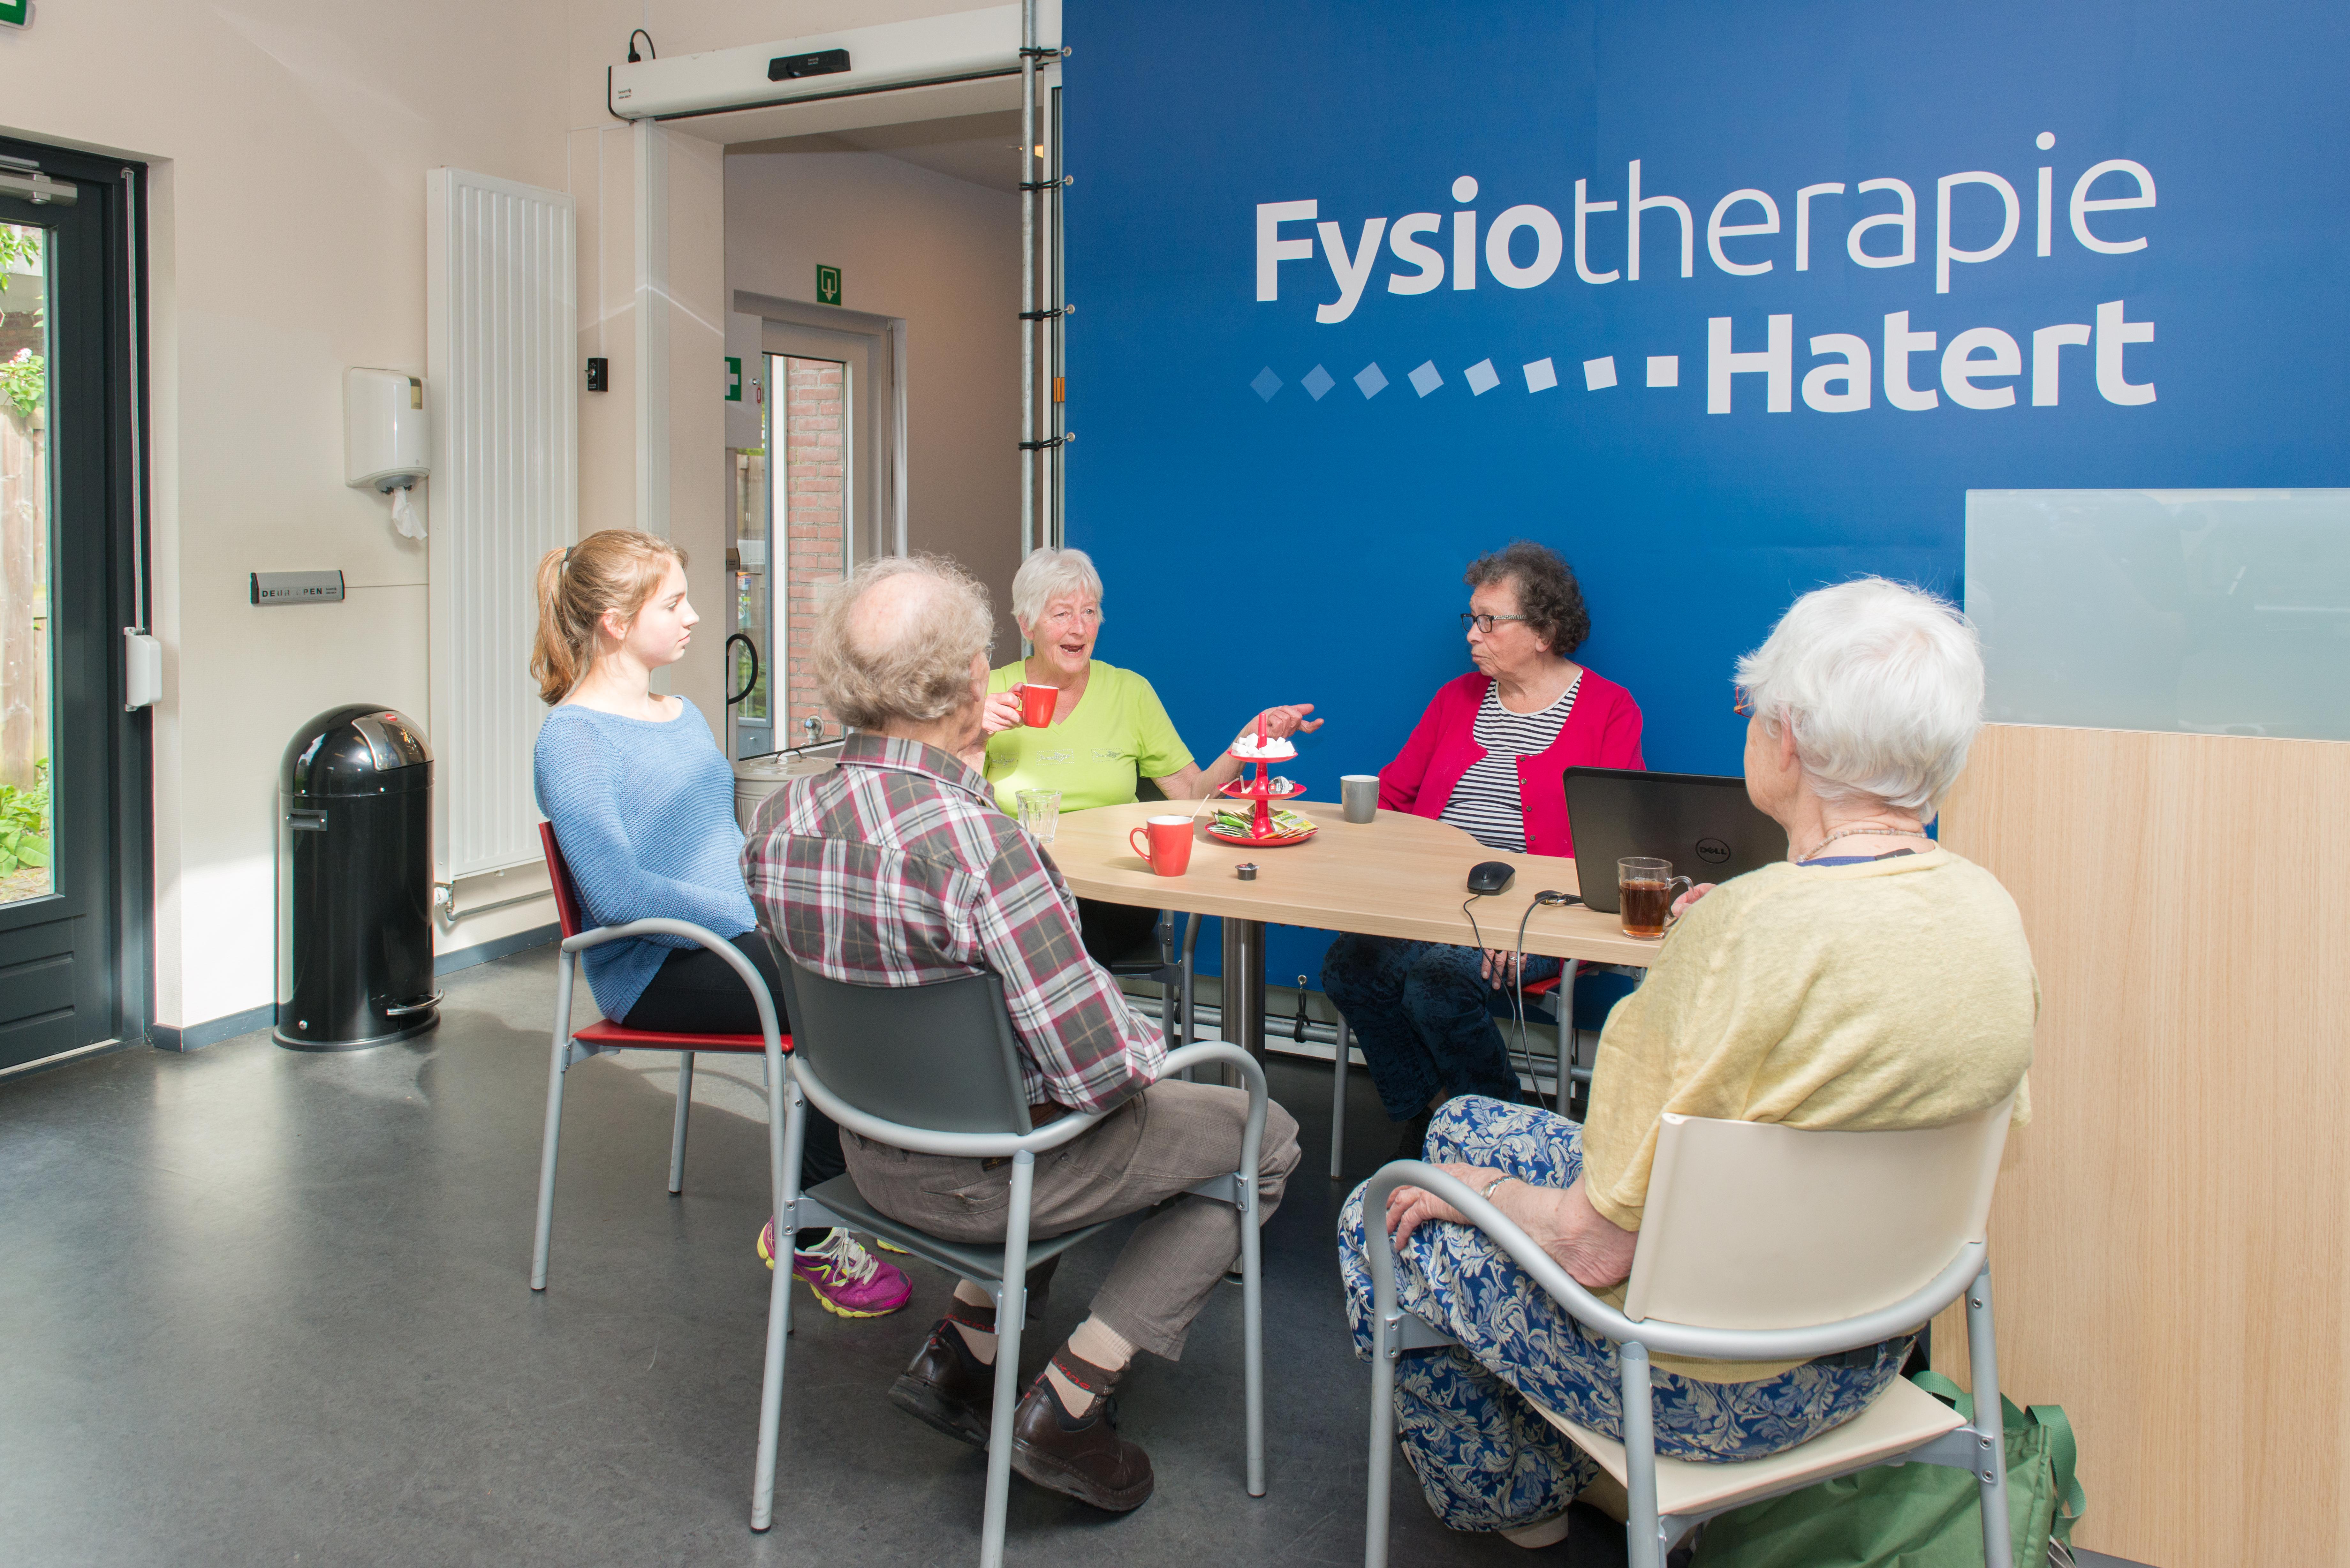 afspraak fysiotherapeut